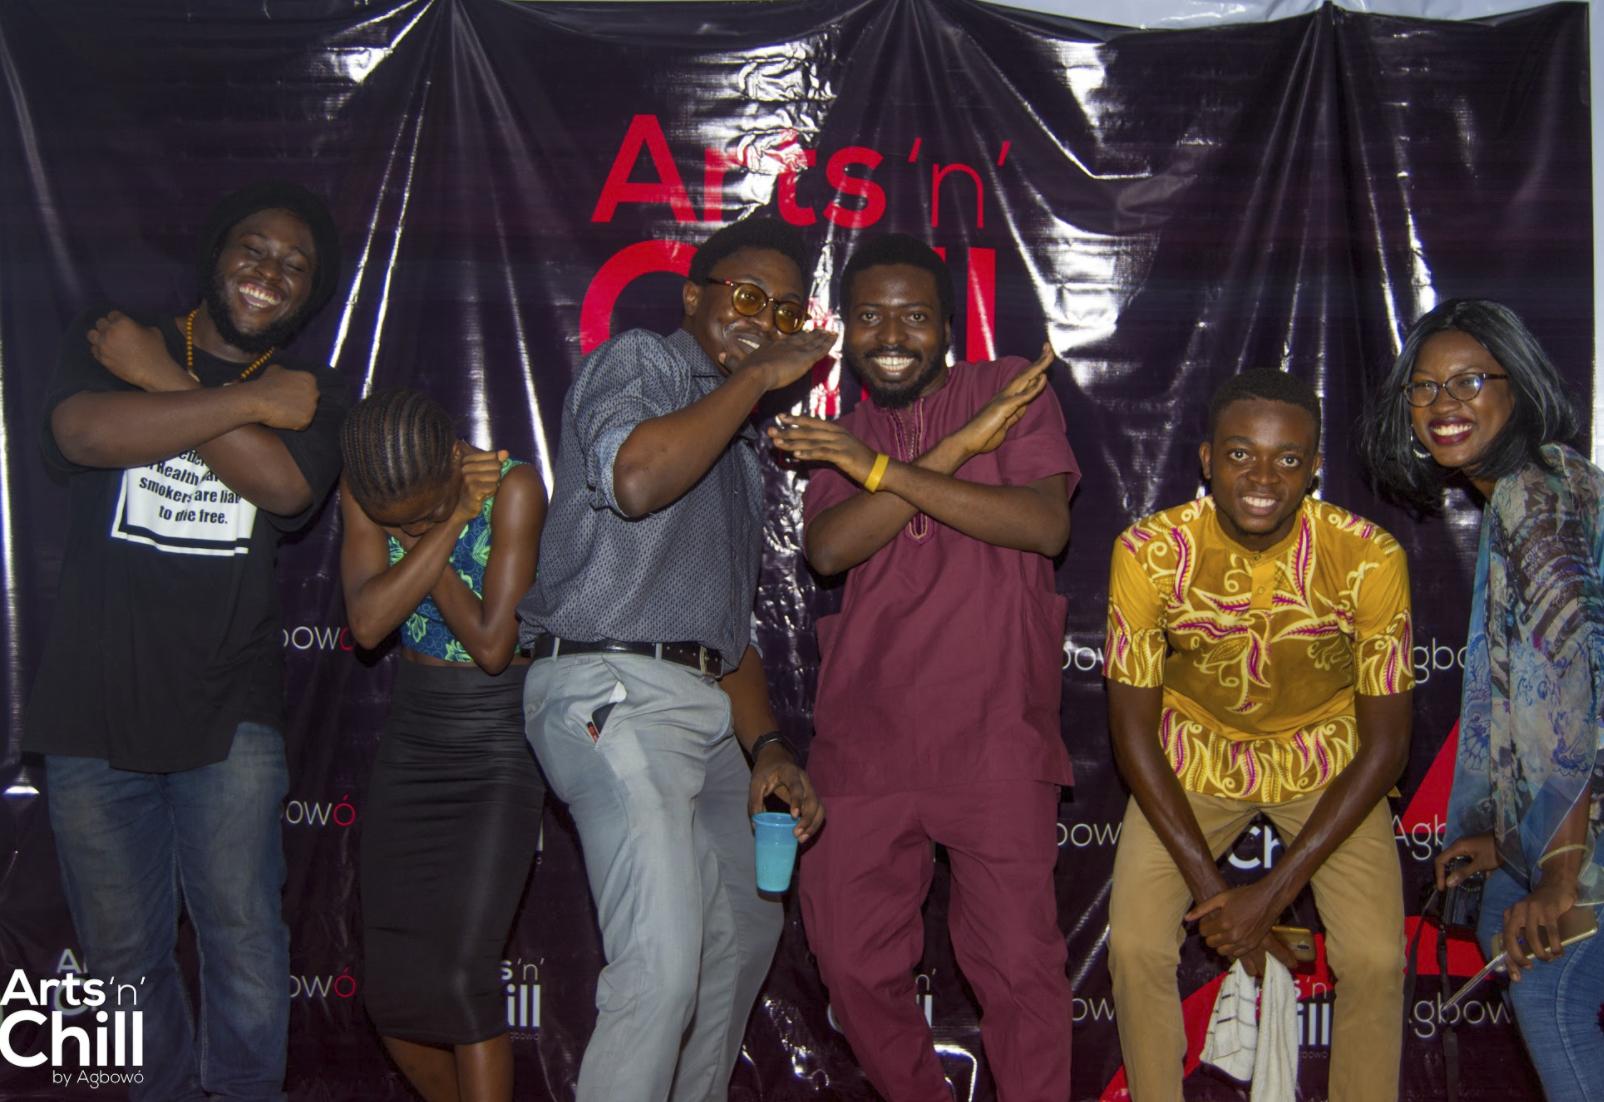 Some Agbowo team members